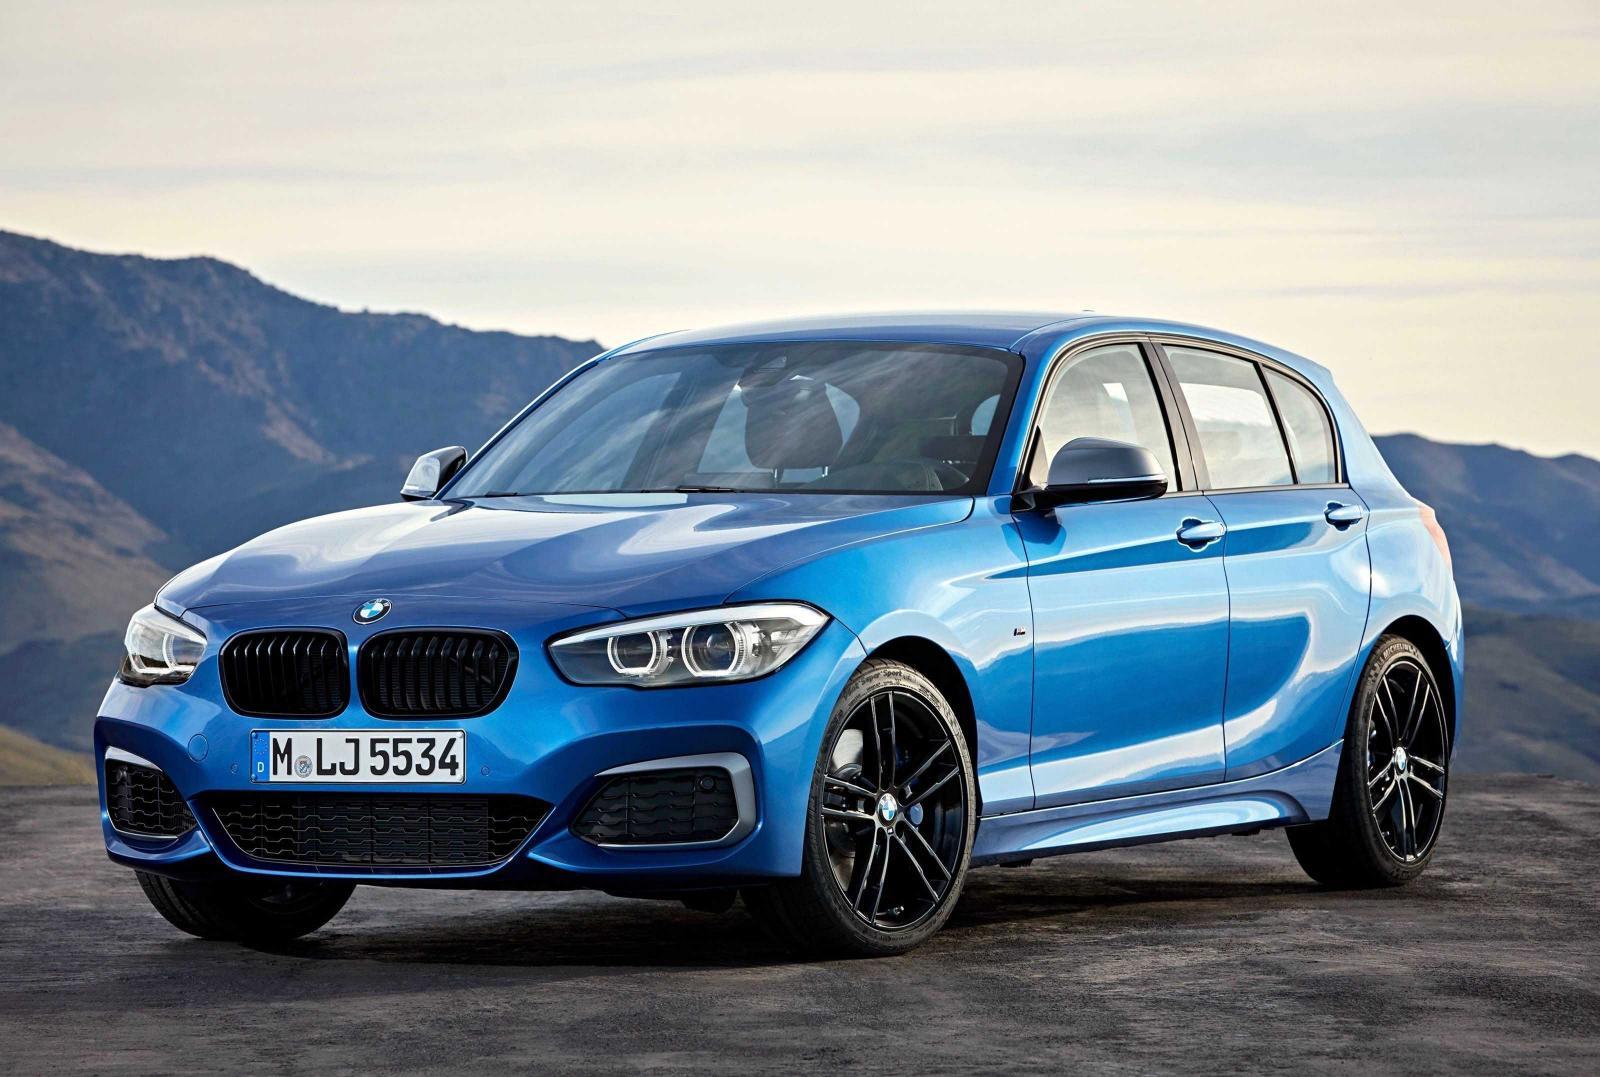 El BMW M140i xDrive es el tercer auto más veloz en este conteo